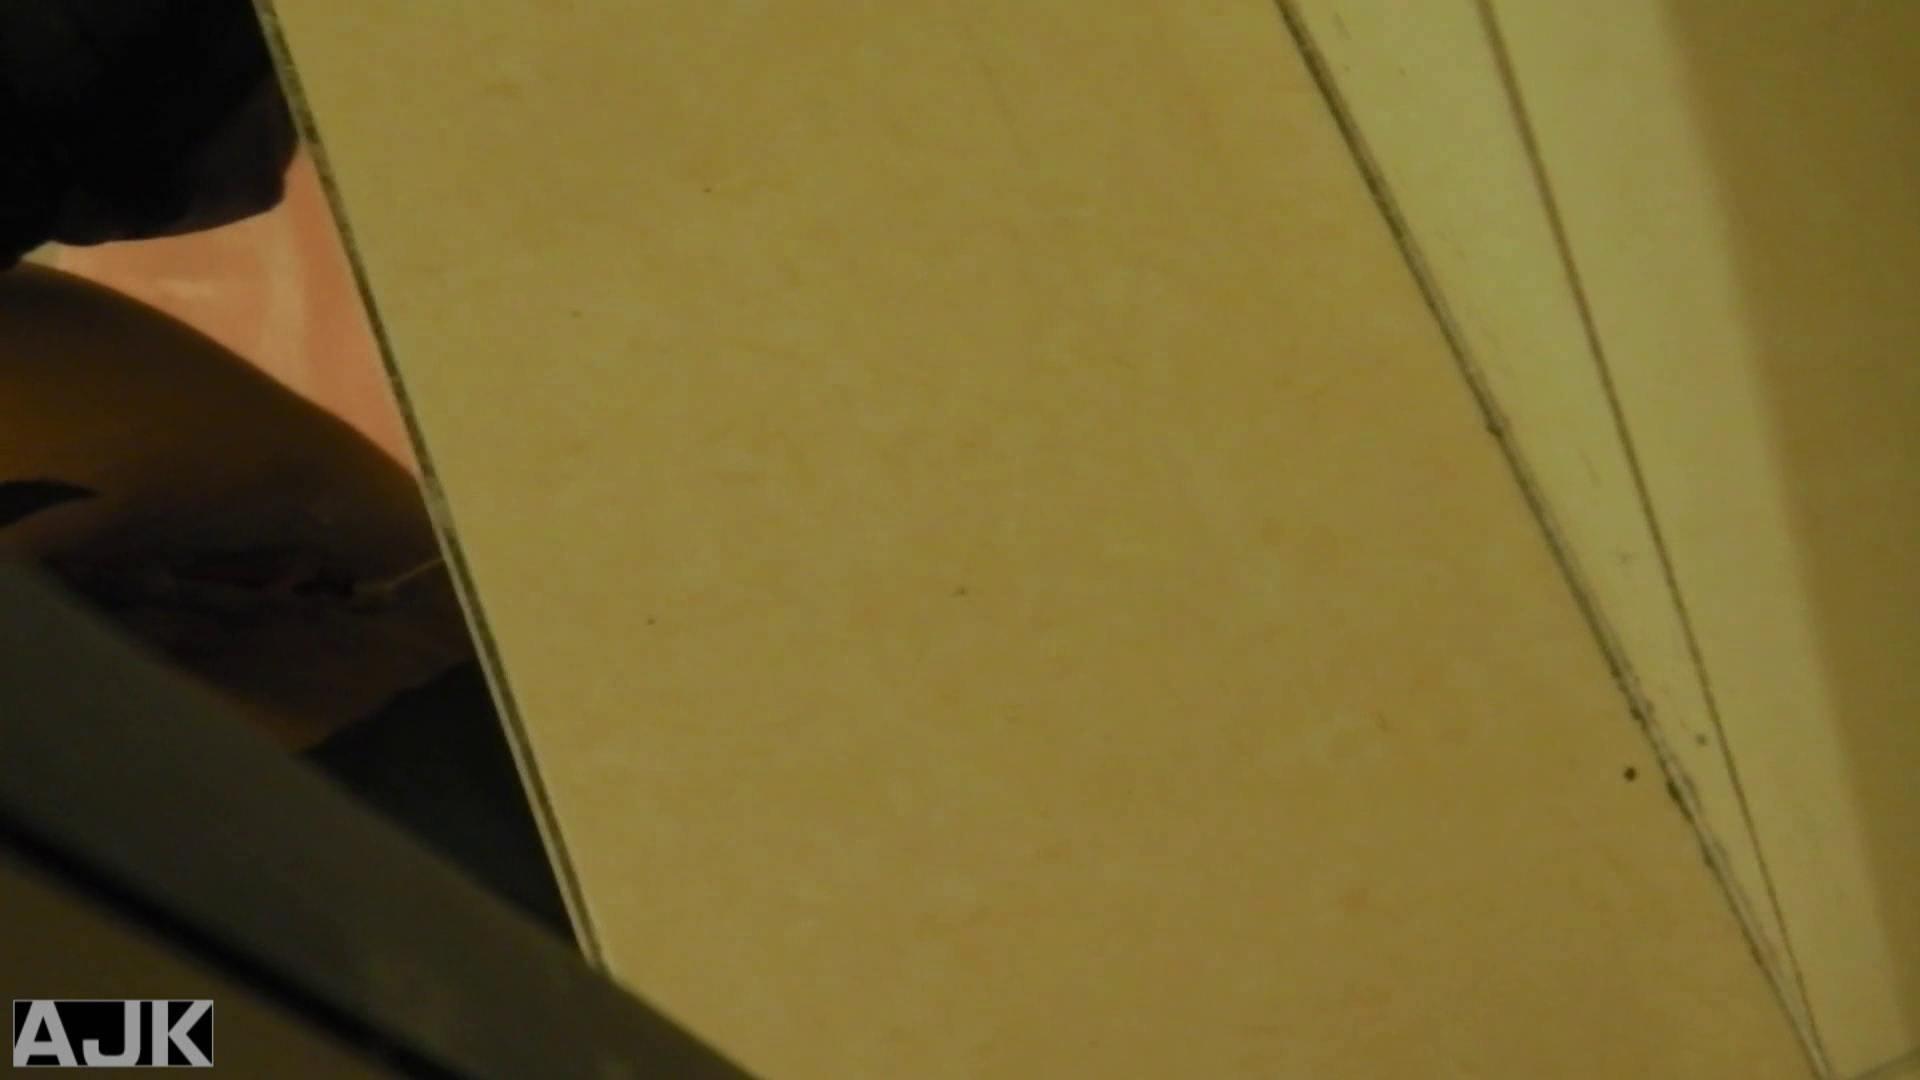 隣国上階級エリアの令嬢たちが集うデパートお手洗い Vol.09 OL | お手洗い  45連発 32